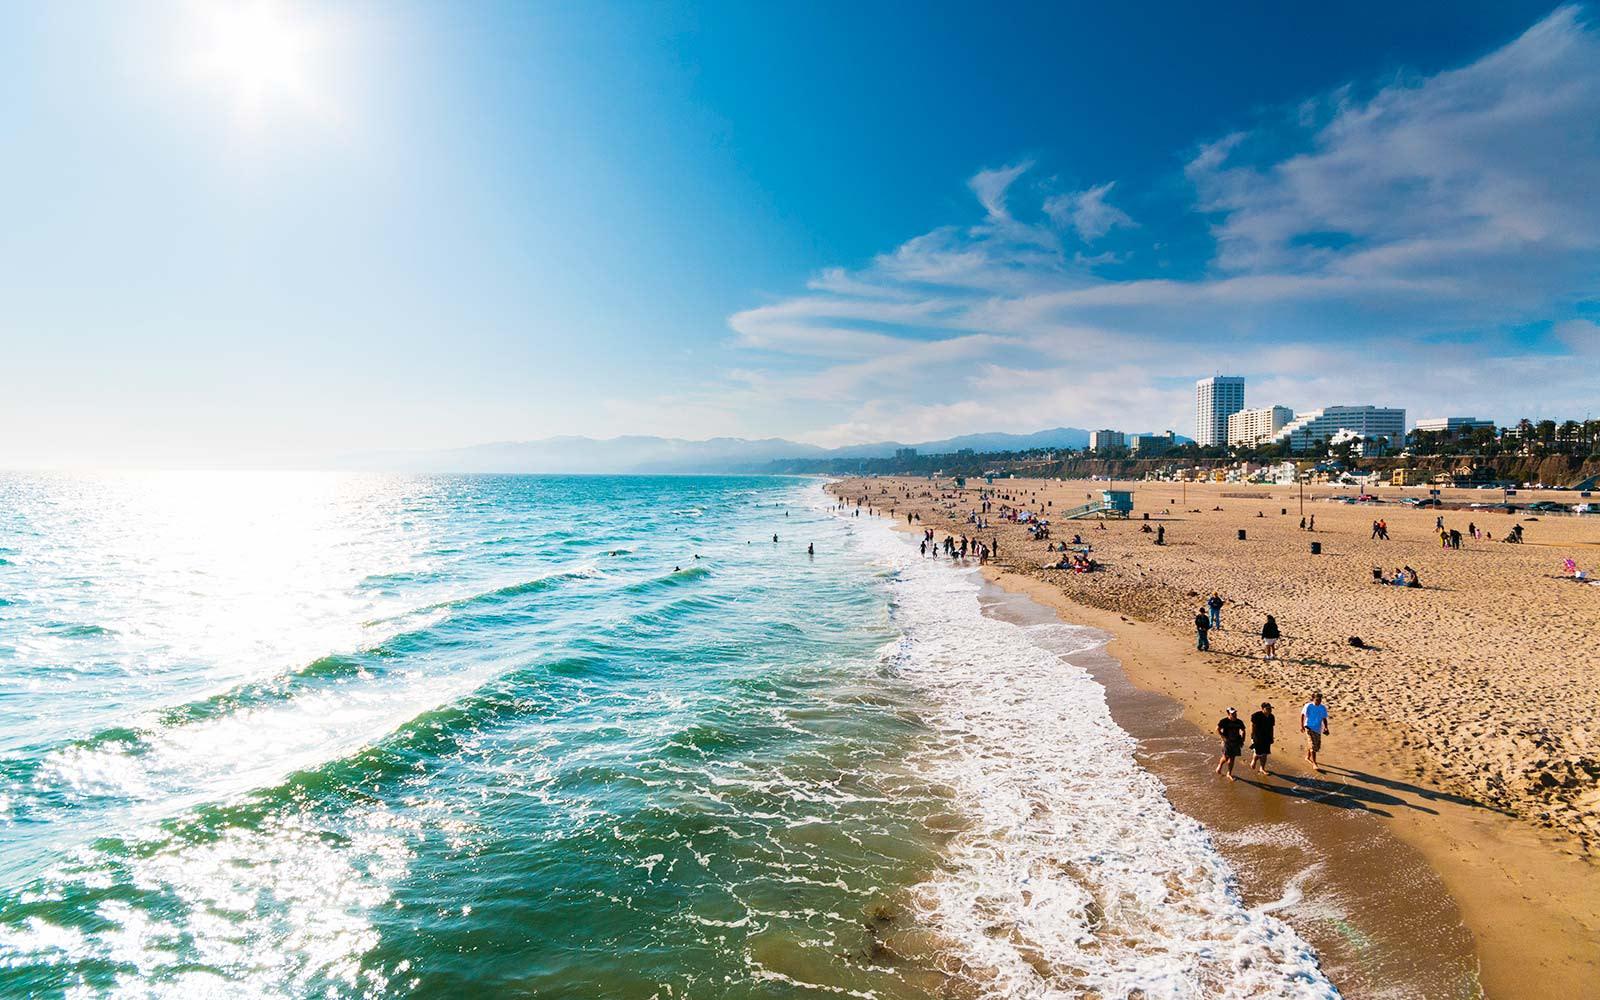 лос анджелес фото пляж продолжит